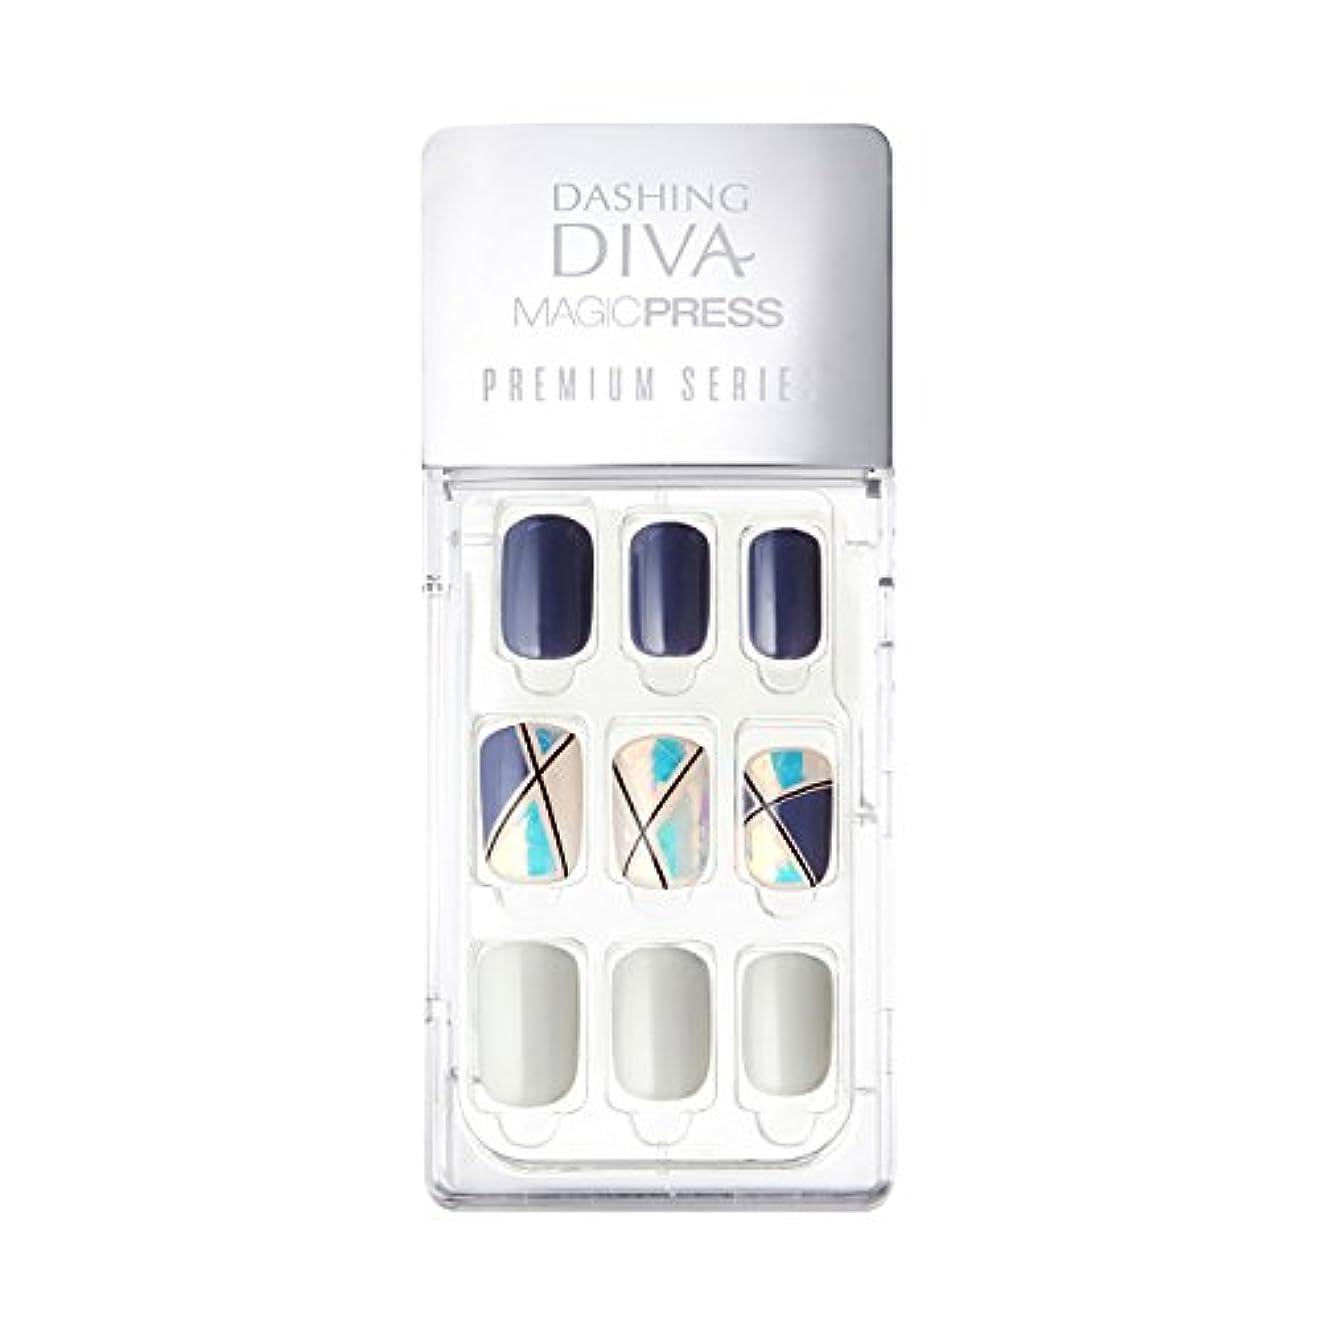 運搬ディレイ法廷ダッシングディバ マジックプレス DASHING DIVA MagicPress MPR056-DURY+ オリジナルジェル ネイルチップ